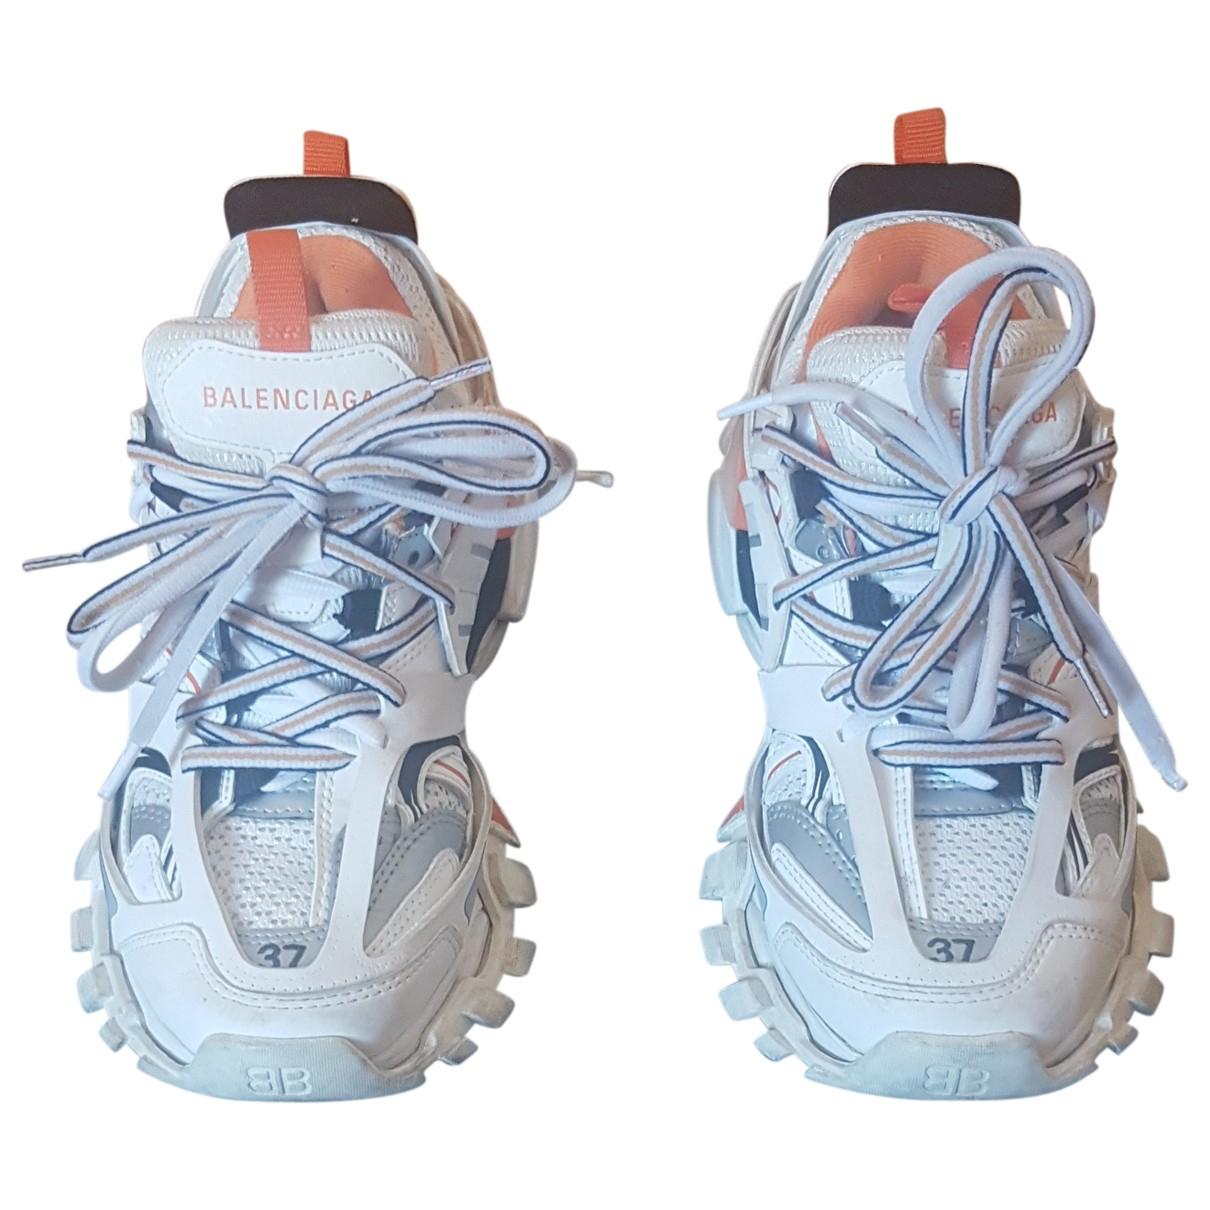 Balenciaga Track White Rubber Trainers for Women 37 EU